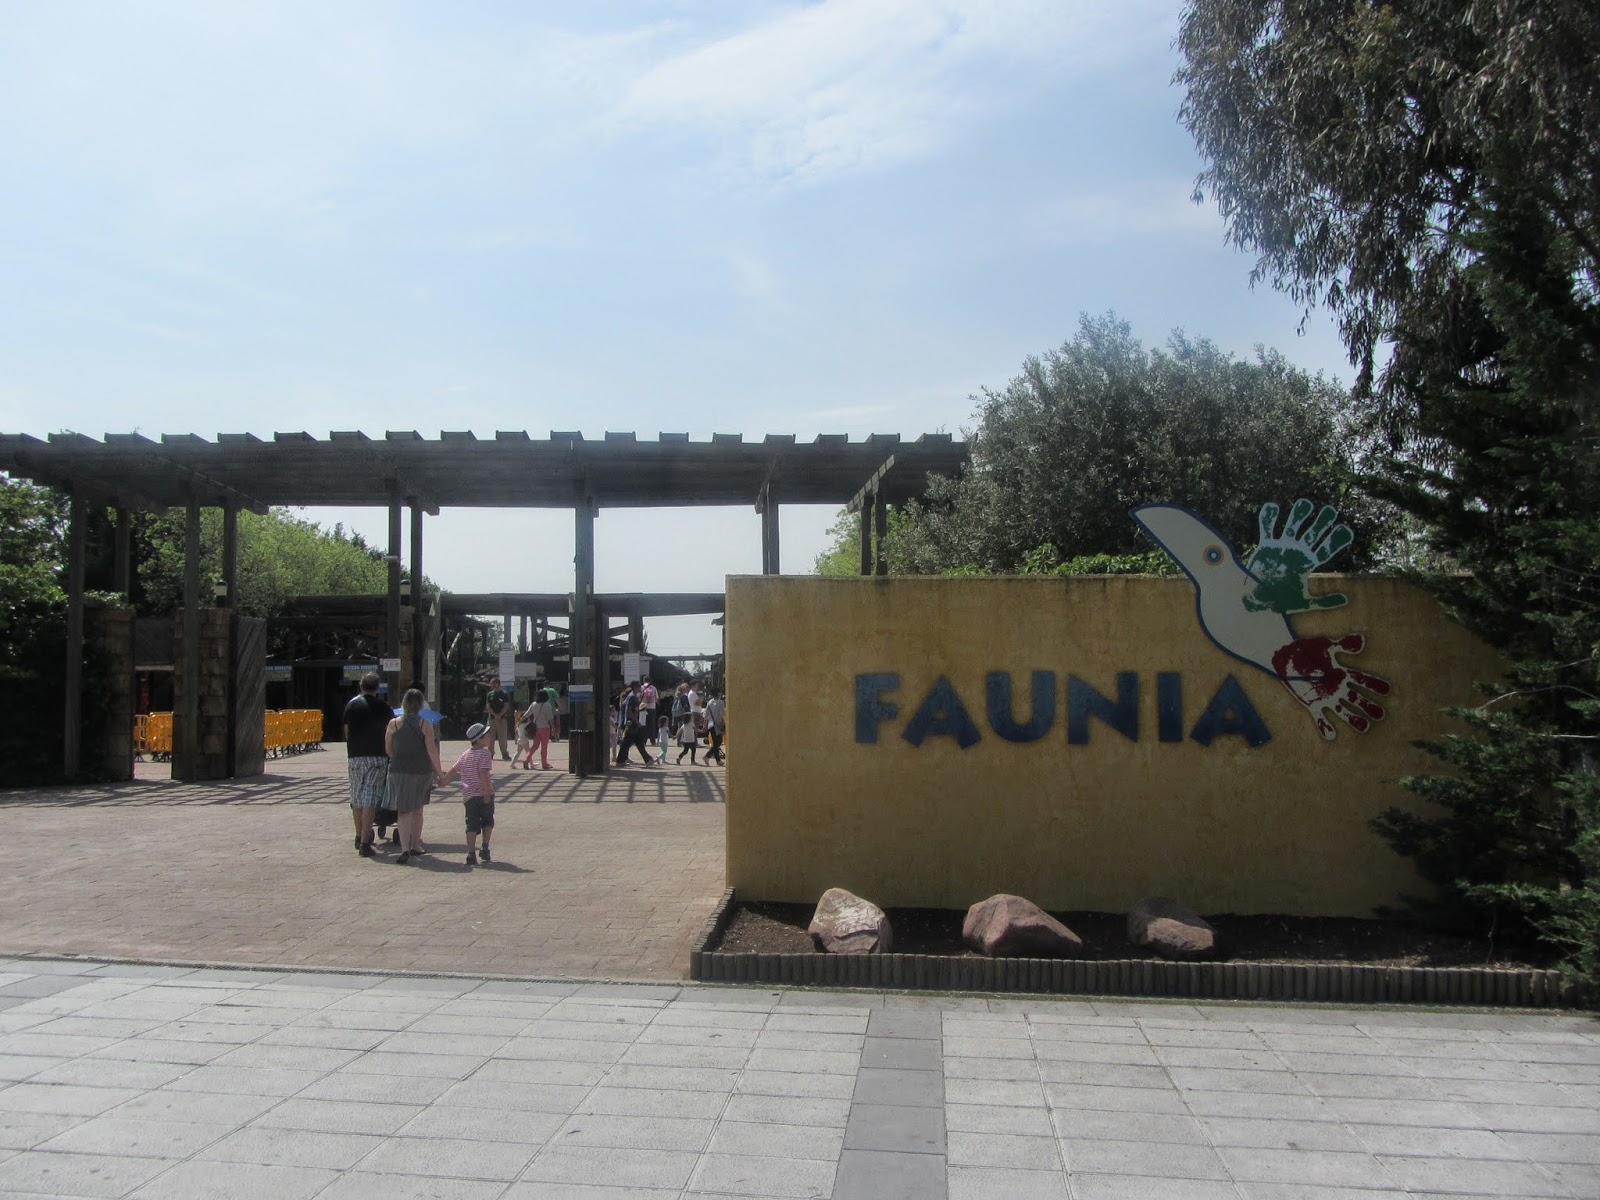 Faunia, El Parque Temático de la Naturaleza, dispone de cuatro ecosistemas y varias áreas temáticas adaptadas para cada especie.